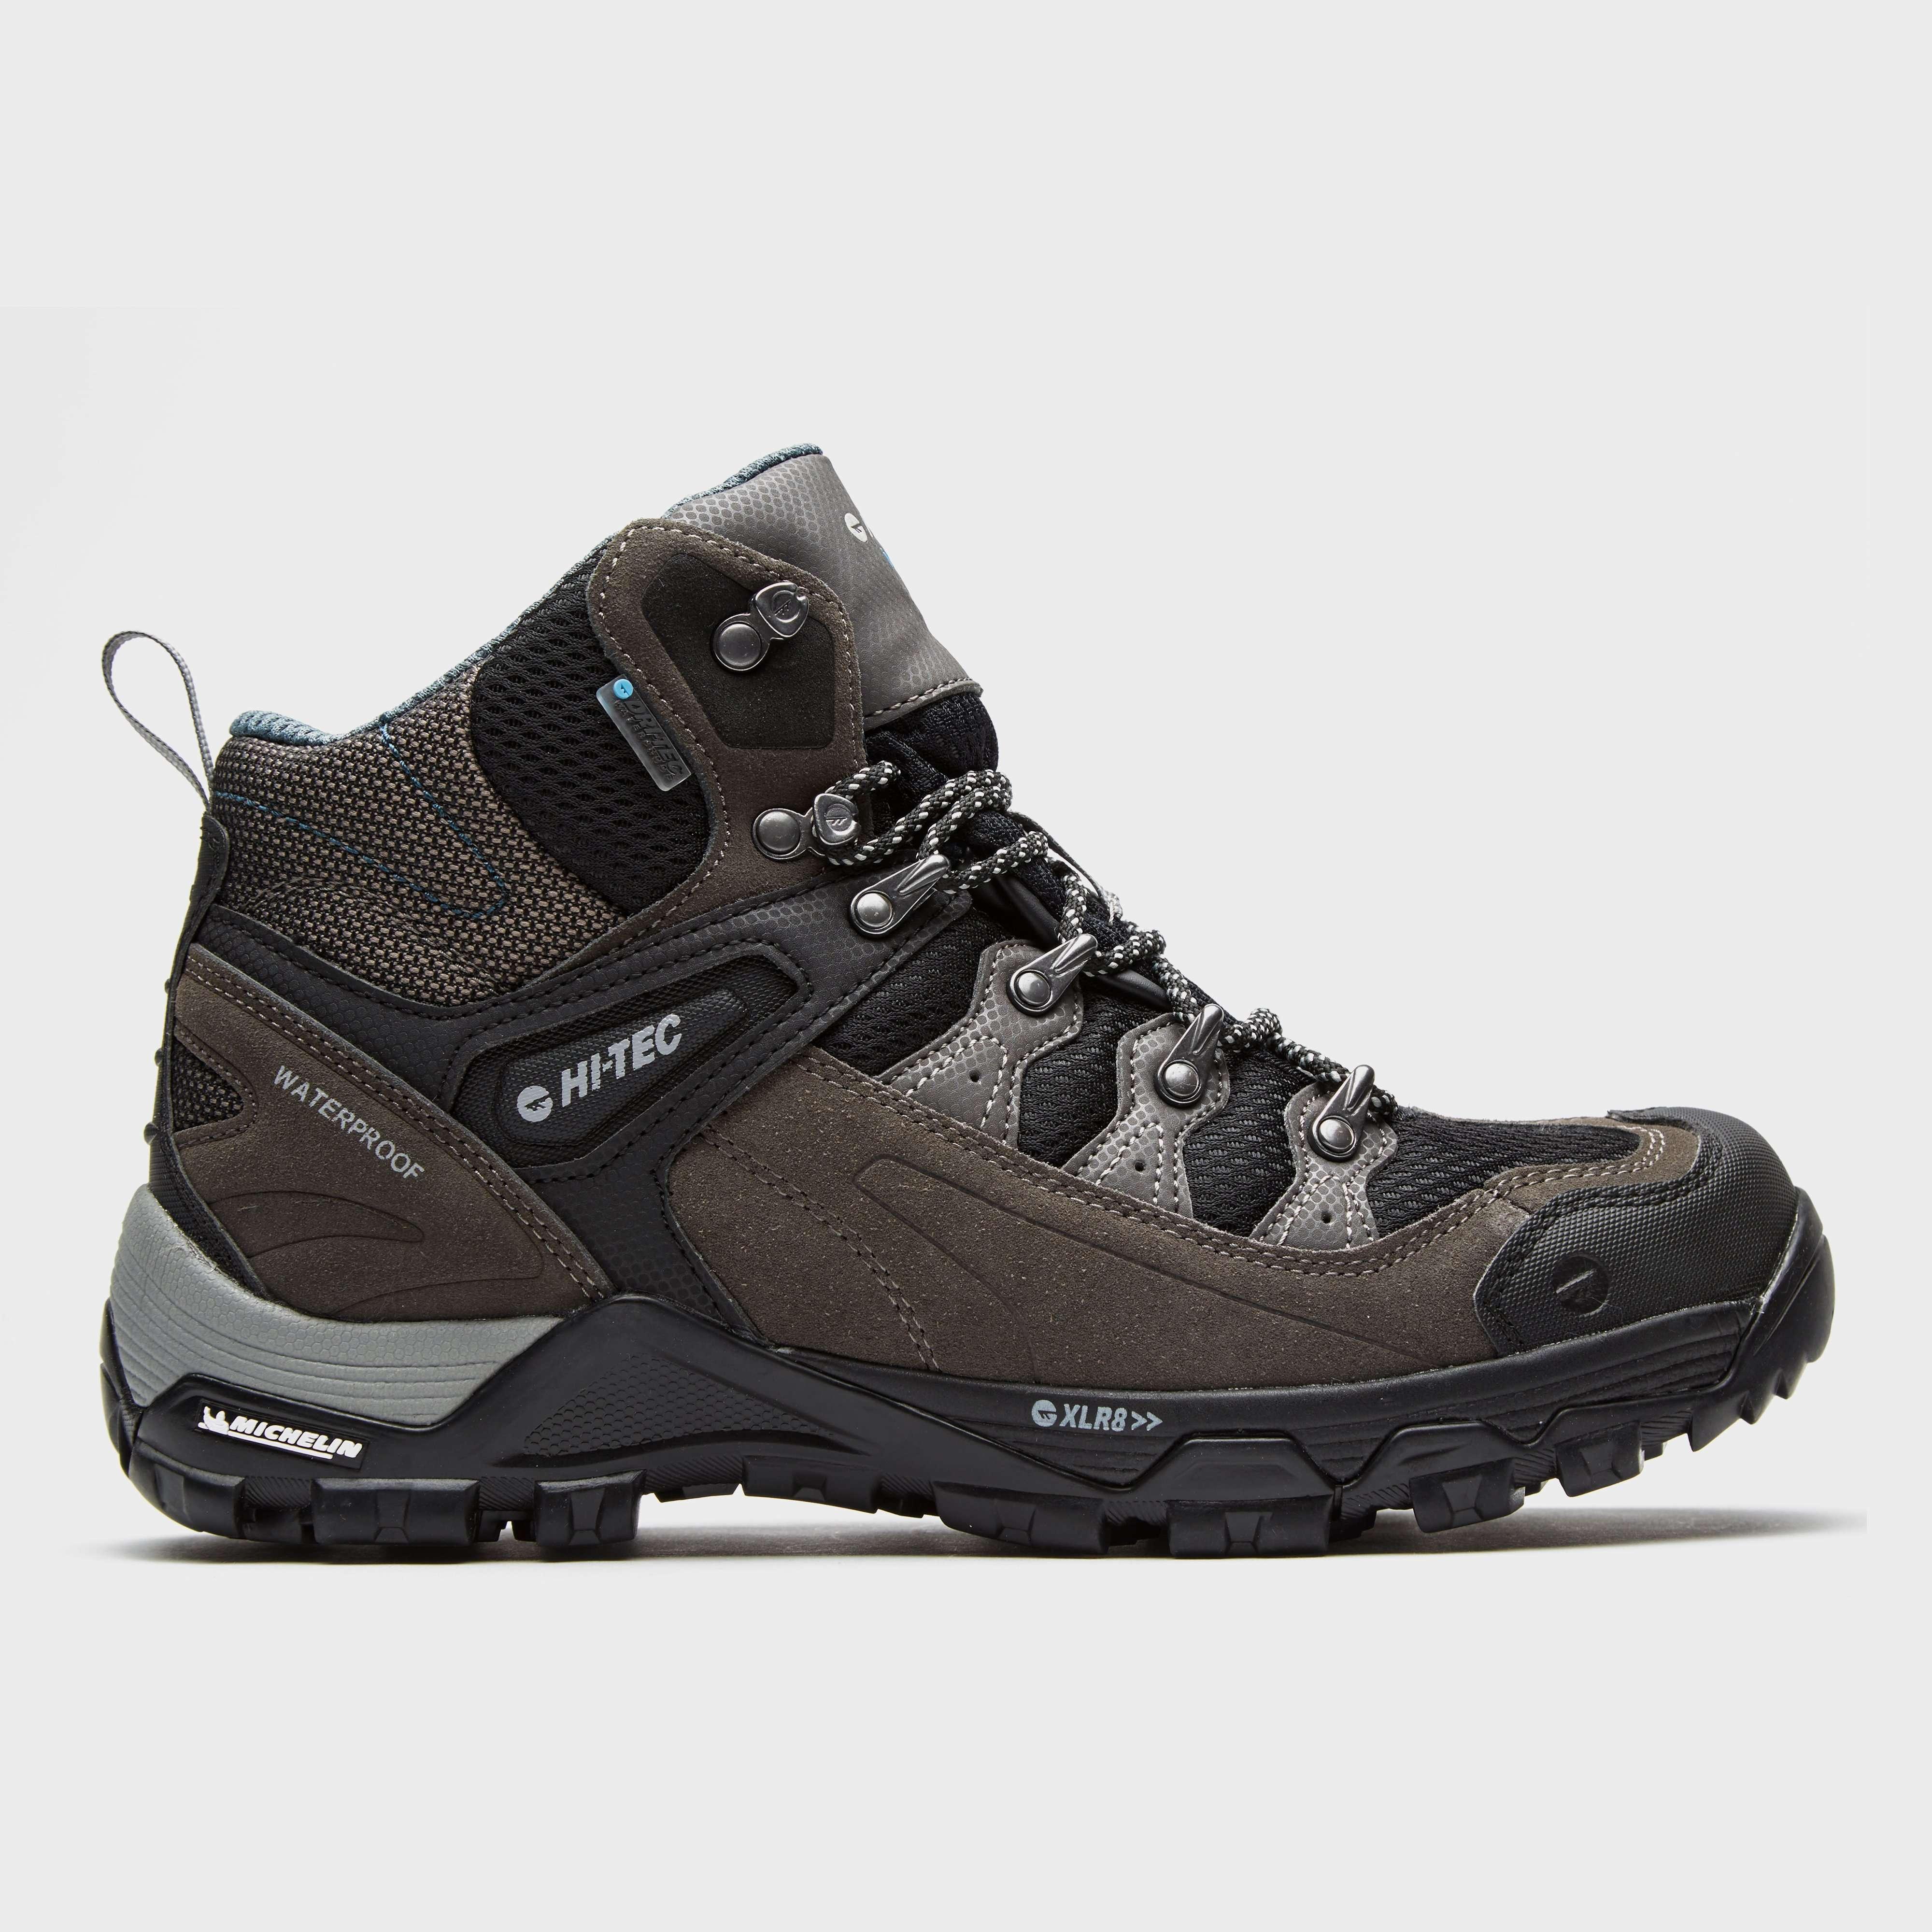 HI TEC Men's Pathfinder I Waterproof Walking Boot